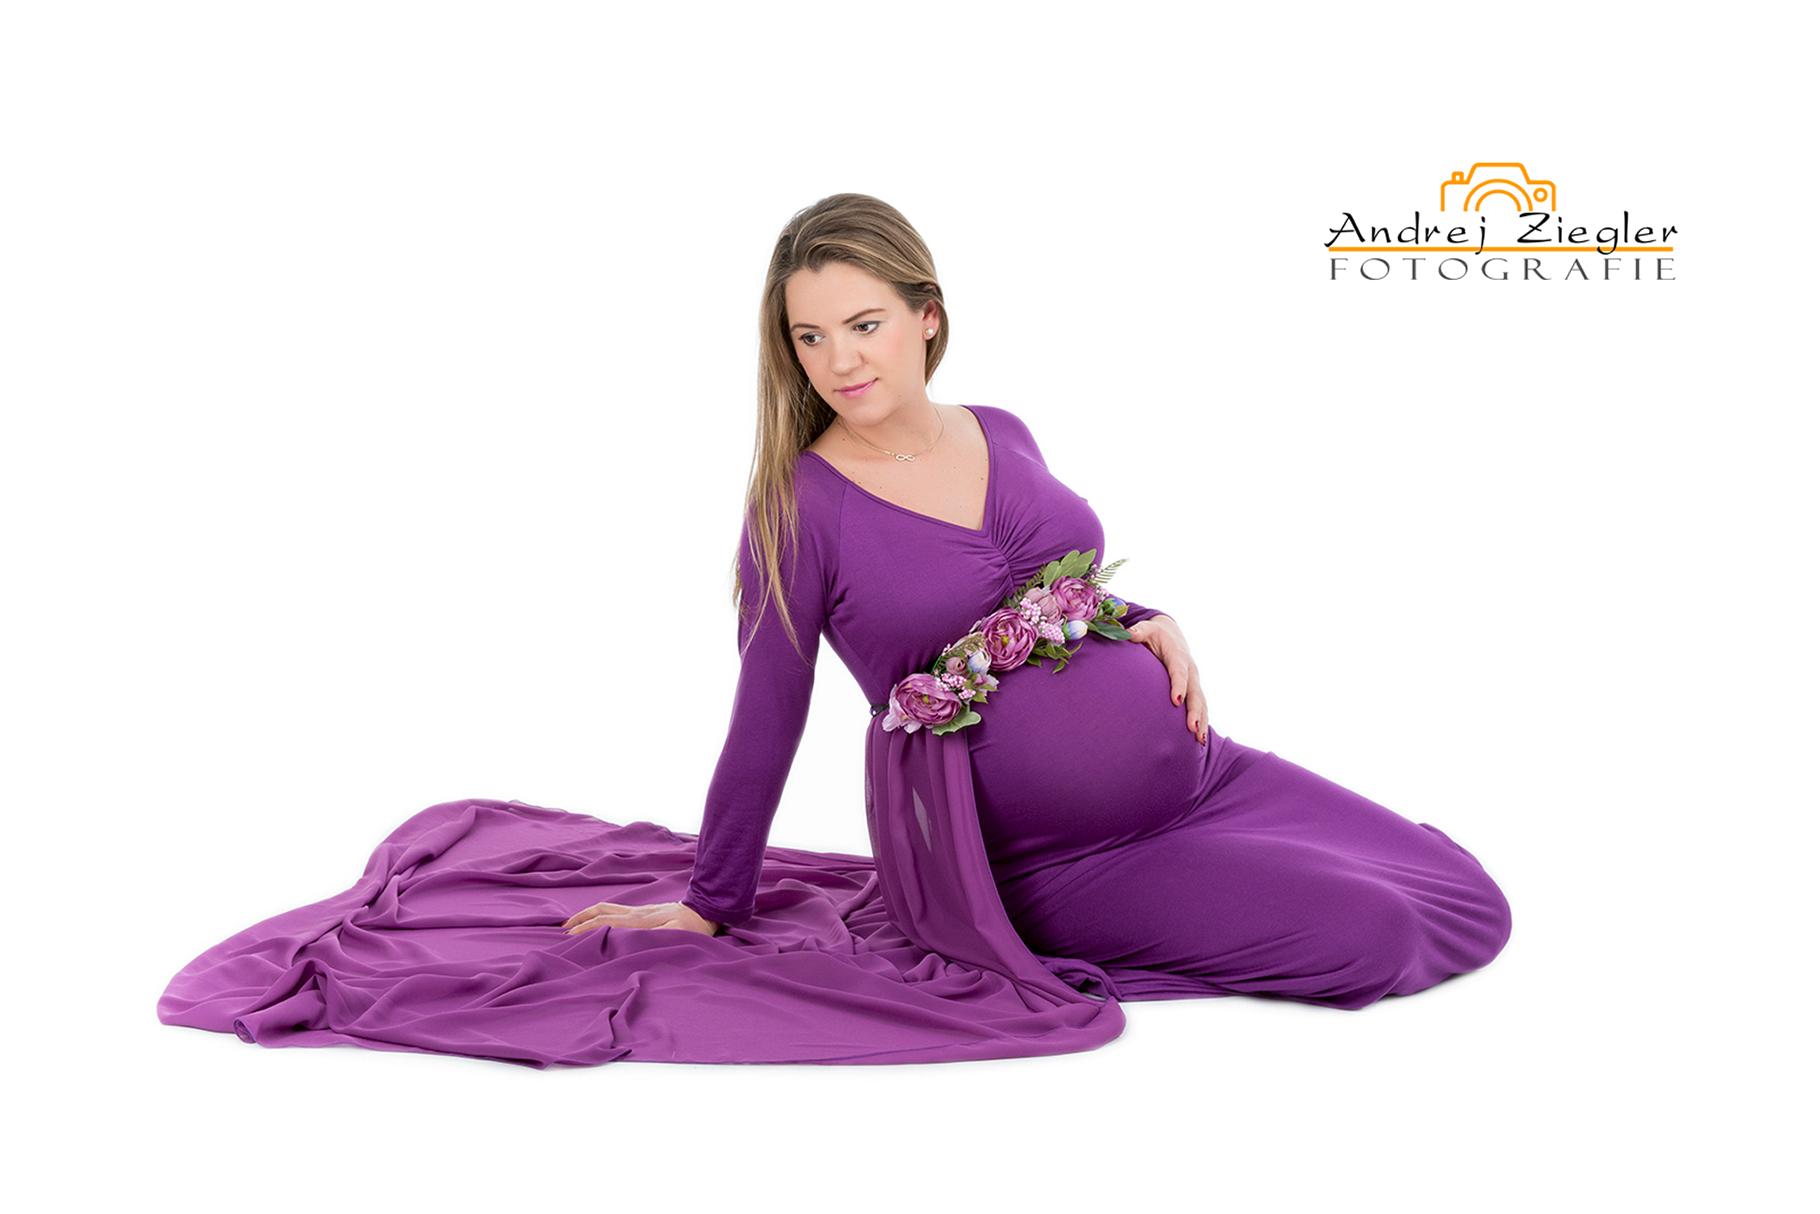 Schwangerschaftsfotografie - Babybauchshooting - babybauch - babybauchfotos - Fotostudio Bad Saulgau.jpg